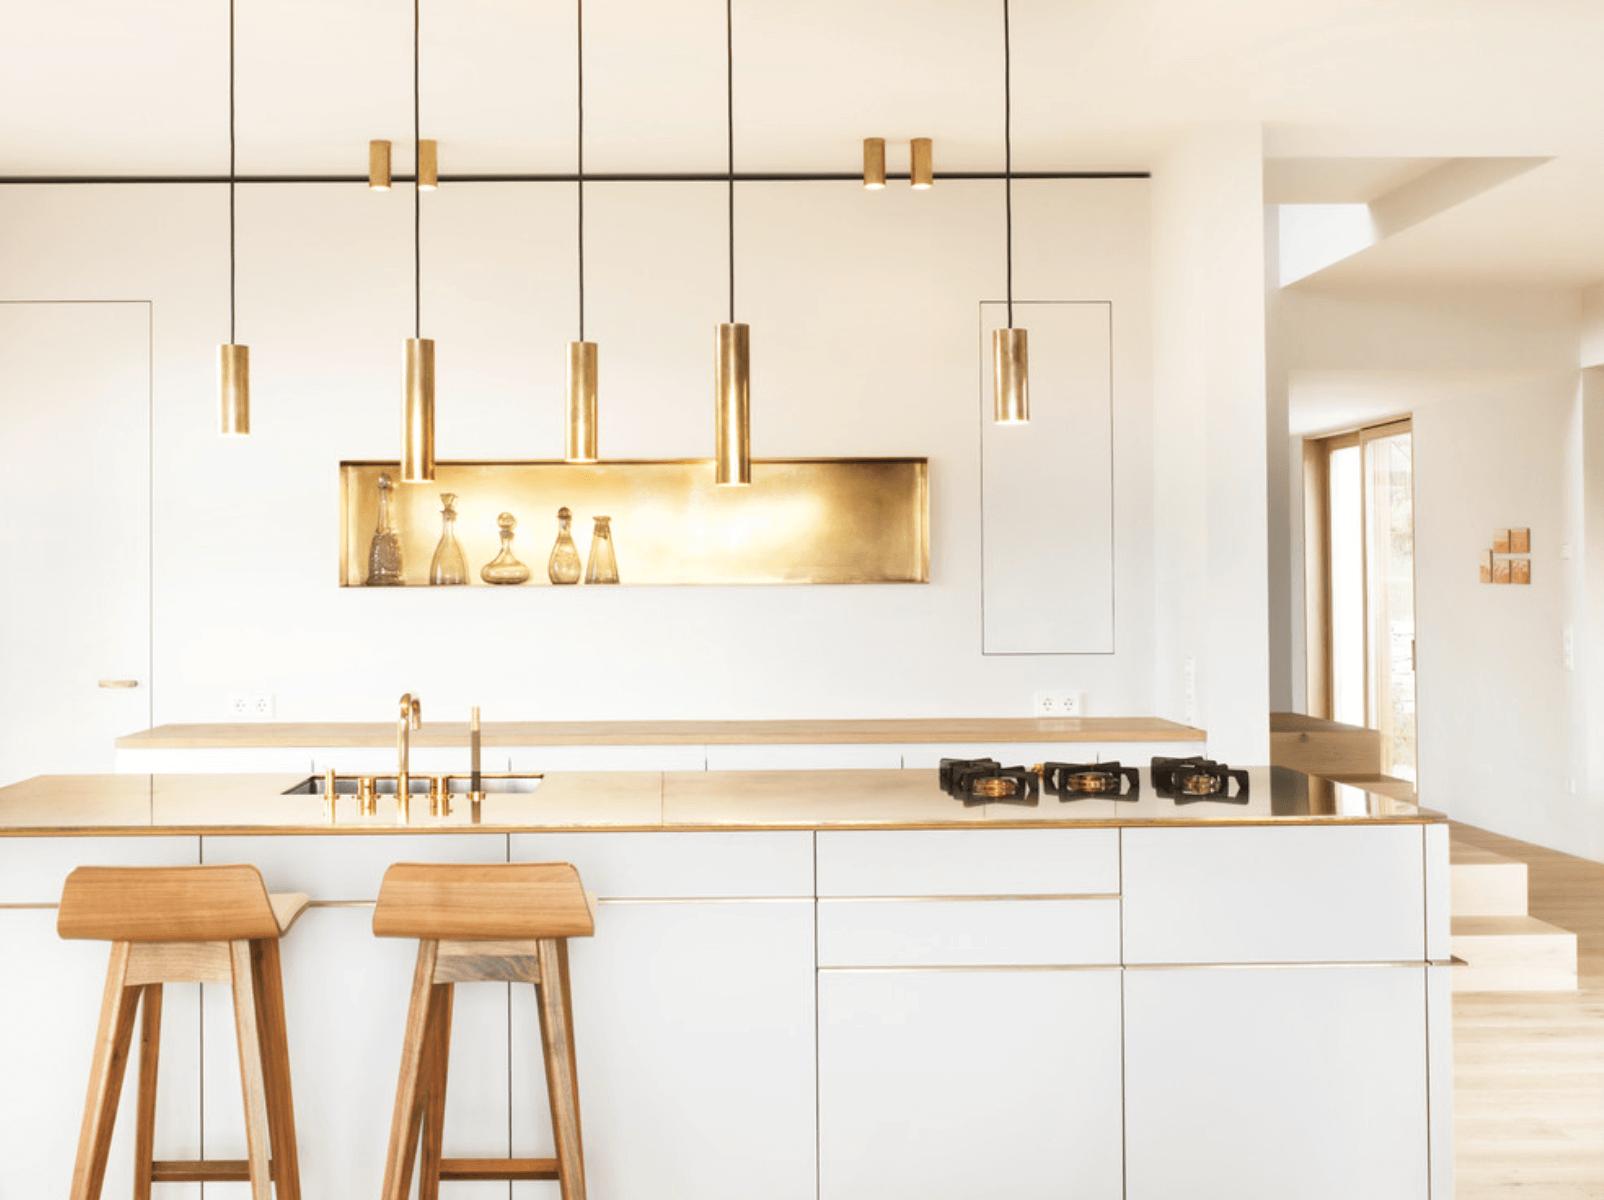 Дизайн кухни с металлическими элементами. Фото 4